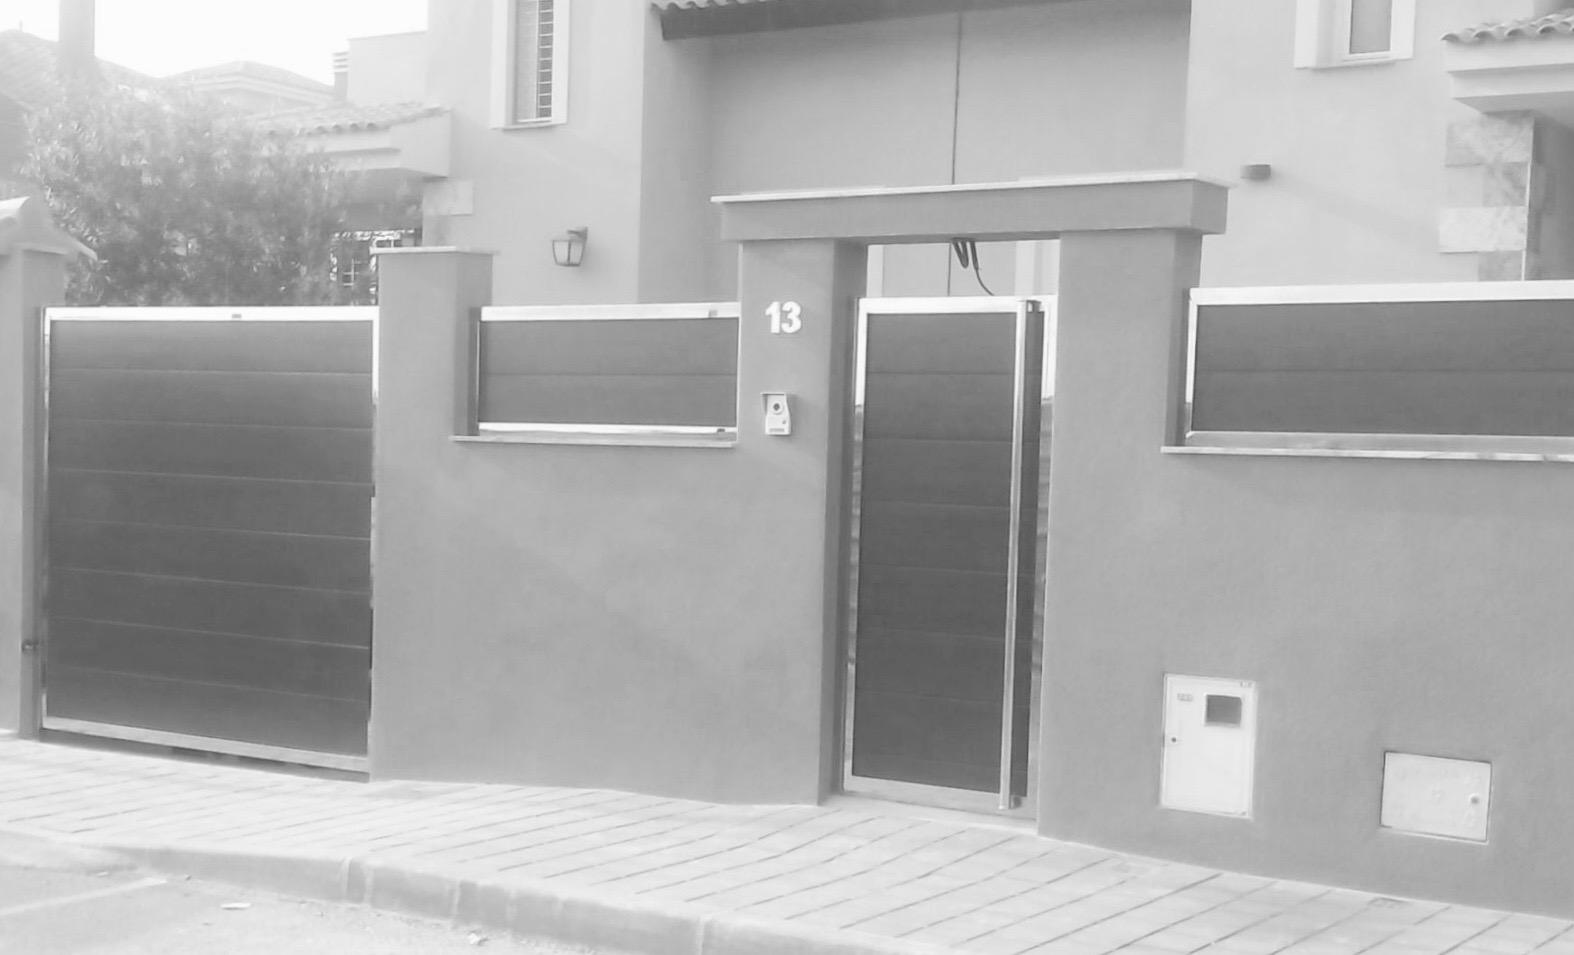 Automatismos prb pesa puerta batiente puerta peatonal y - Puertas de madera para jardin ...